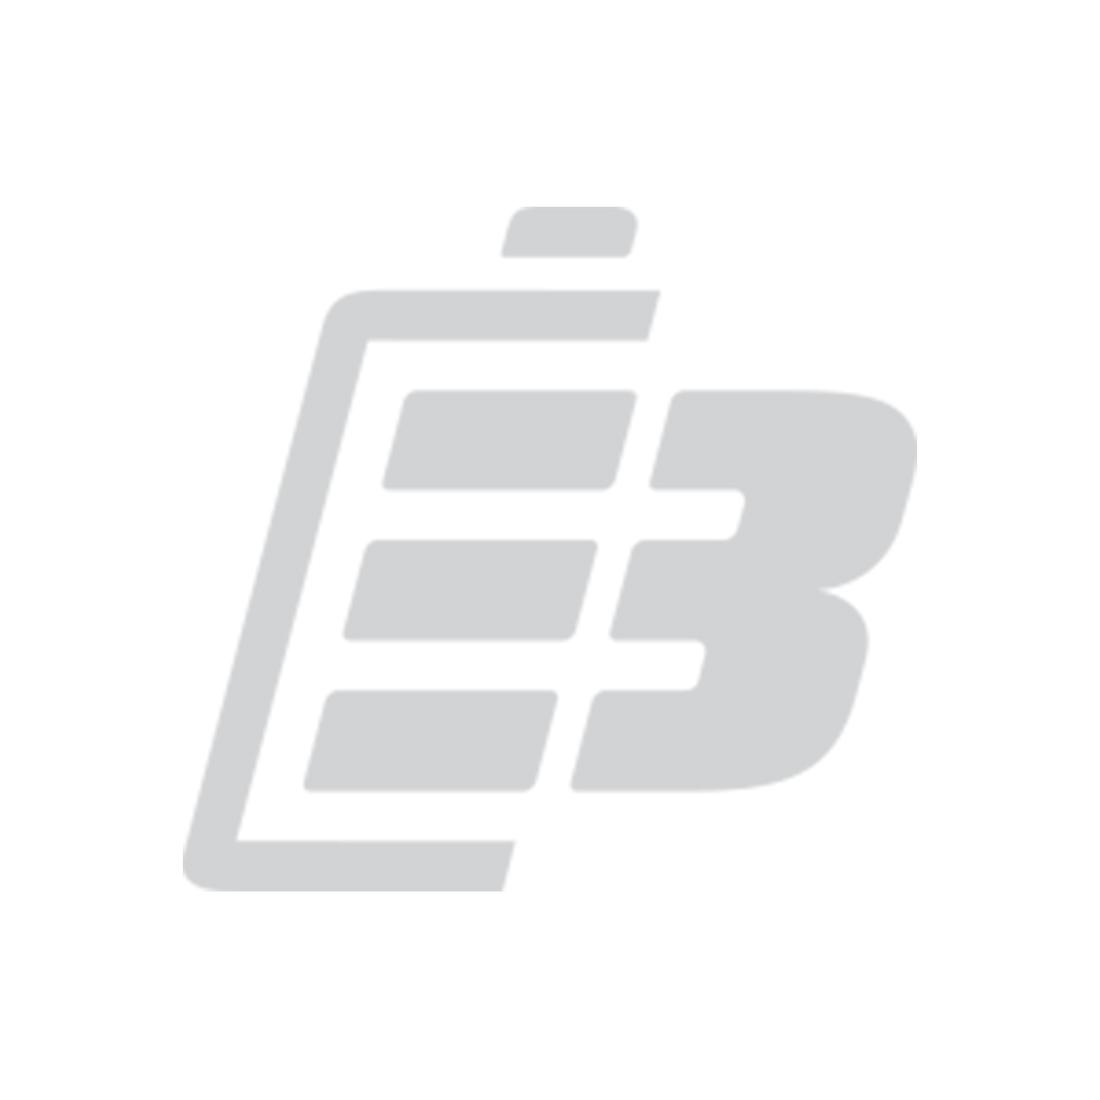 Μπαταρία ηλεκτρικού εργαλείου Black & Decker 12V 2.0Ah Ni_1